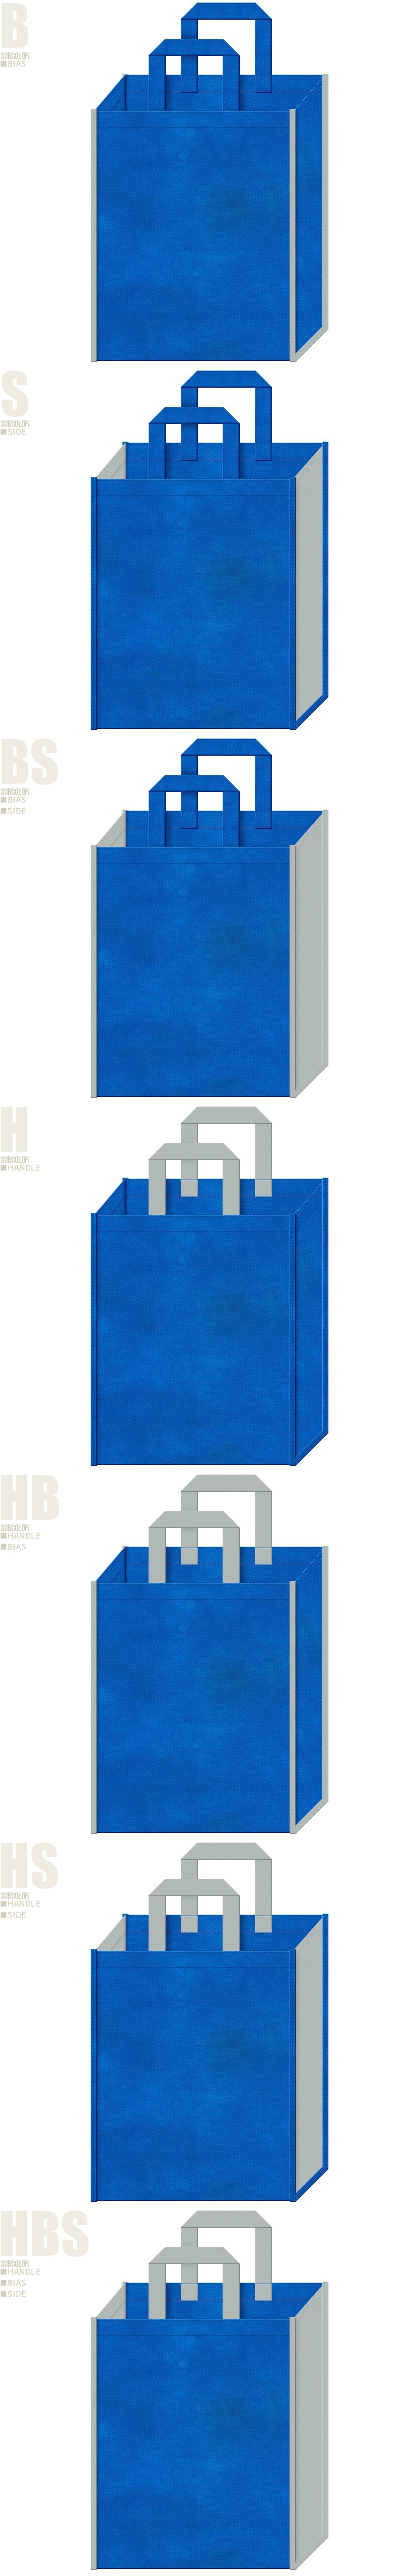 不織布トートバッグのデザイン例-不織布メインカラーNo.22+サブカラーNo.2の2色7パターン